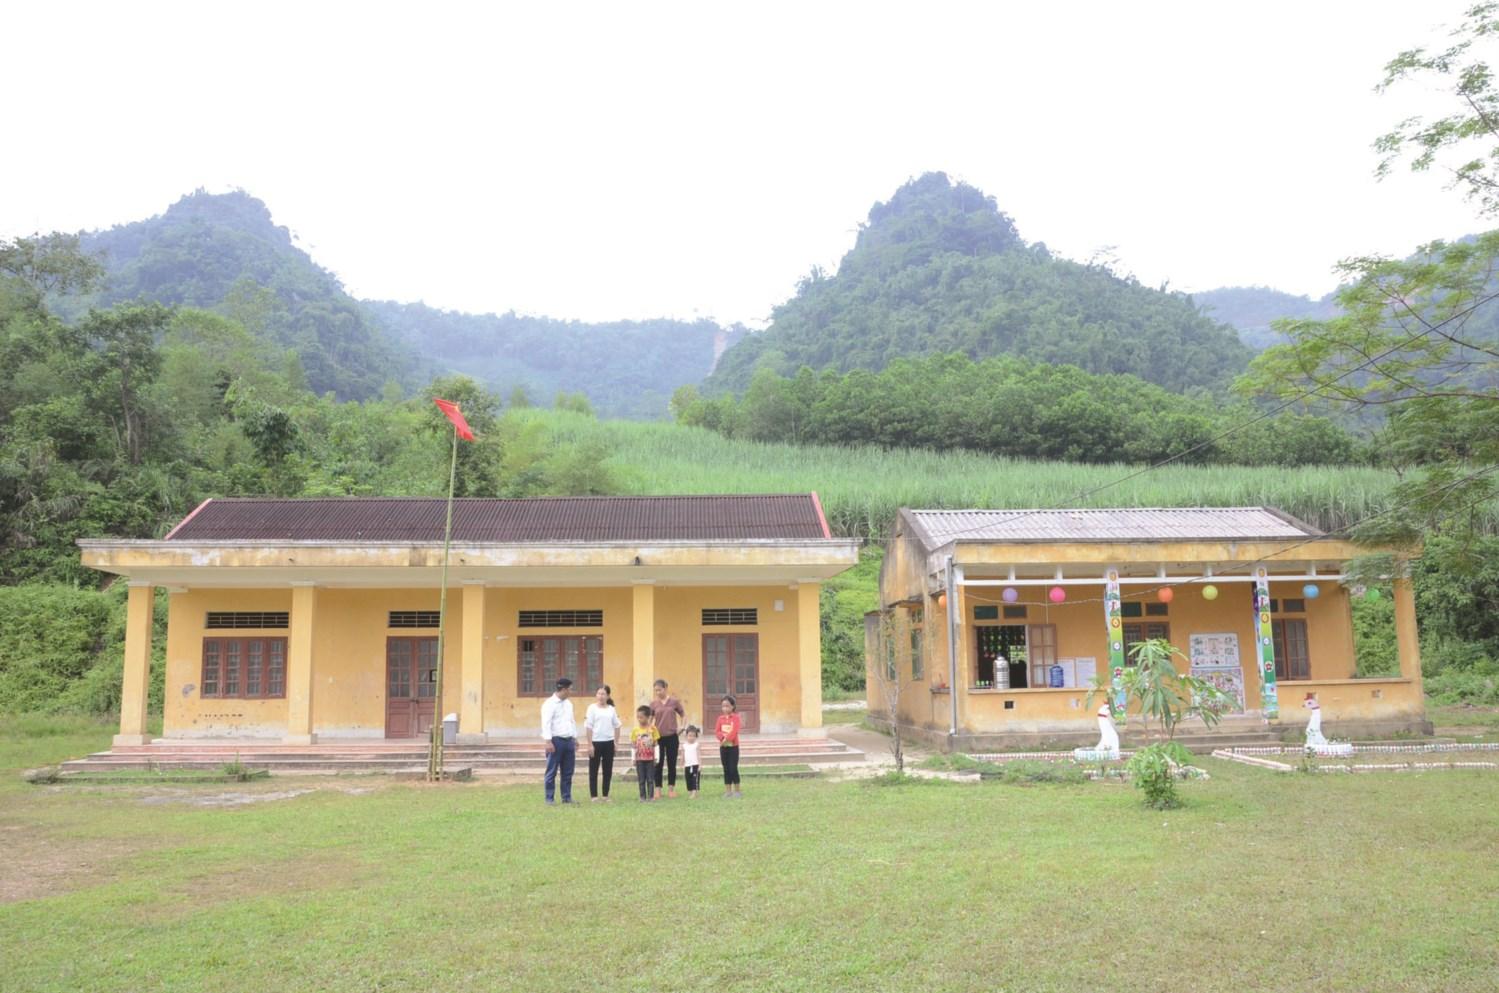 Điểm Trường Mầm non và Tiểu học thôn Tiên Tốc được đầu tư xây dựng giúp con em các dân tộc trong thôn có điều kiện học tập tốt hơn